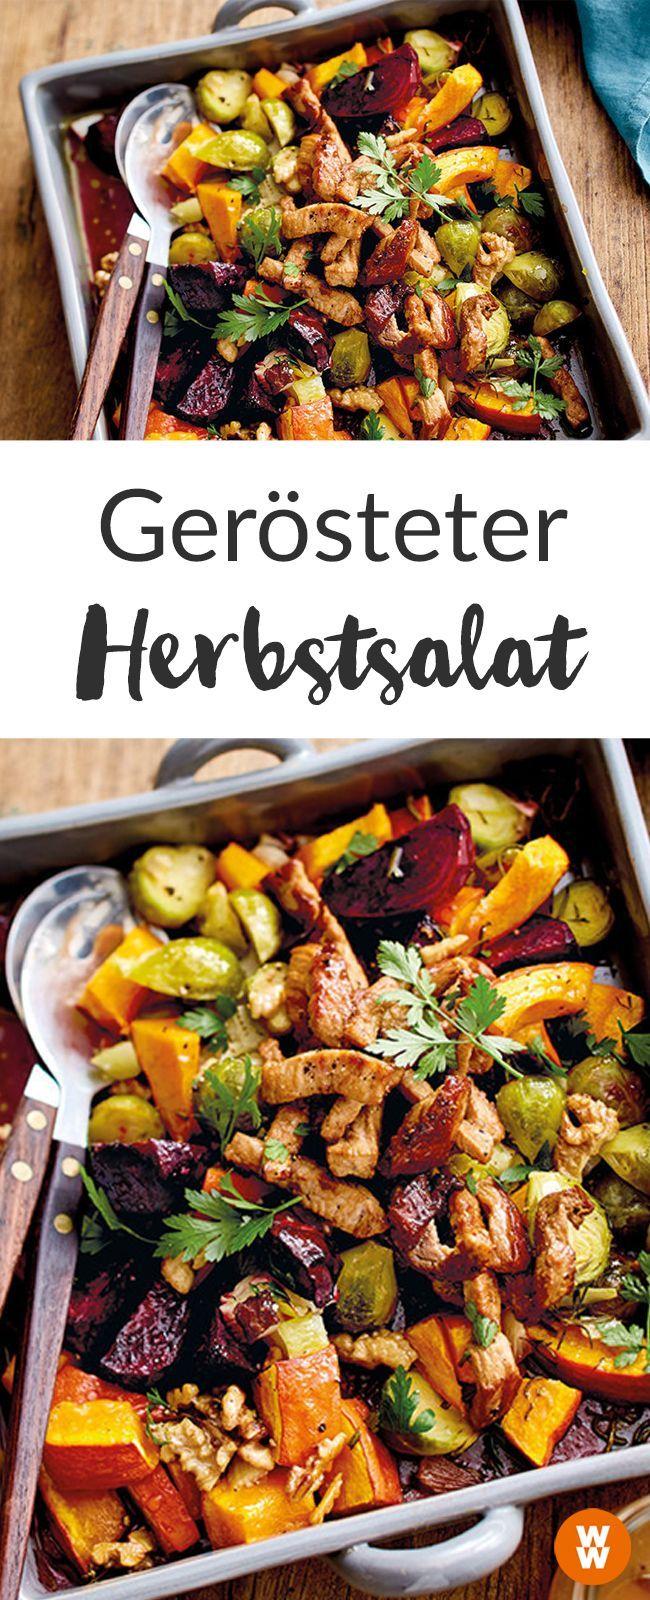 Gerösteter Herbstsalat mit Schnitzelstreifen Rezept | WW Deutschland